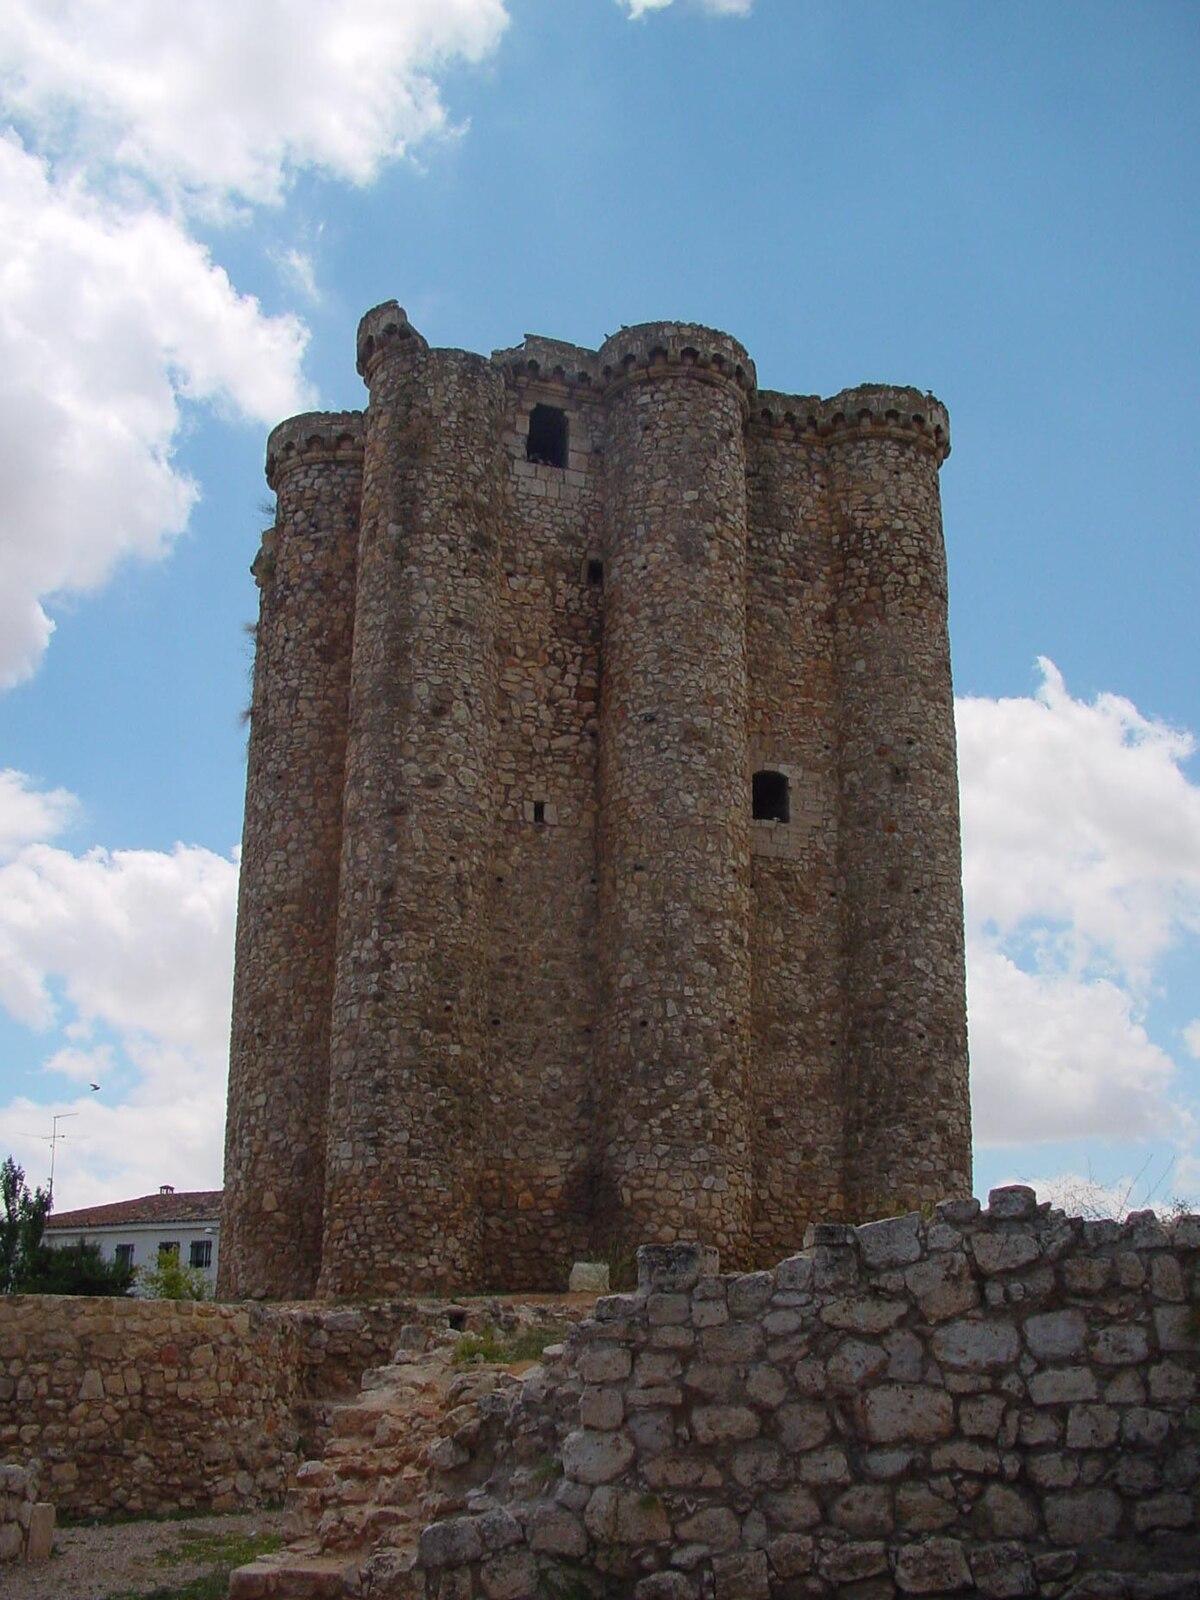 Castillo de villarejo de salvan s wikipedia la enciclopedia libre - Castillo de azay le rideau ...